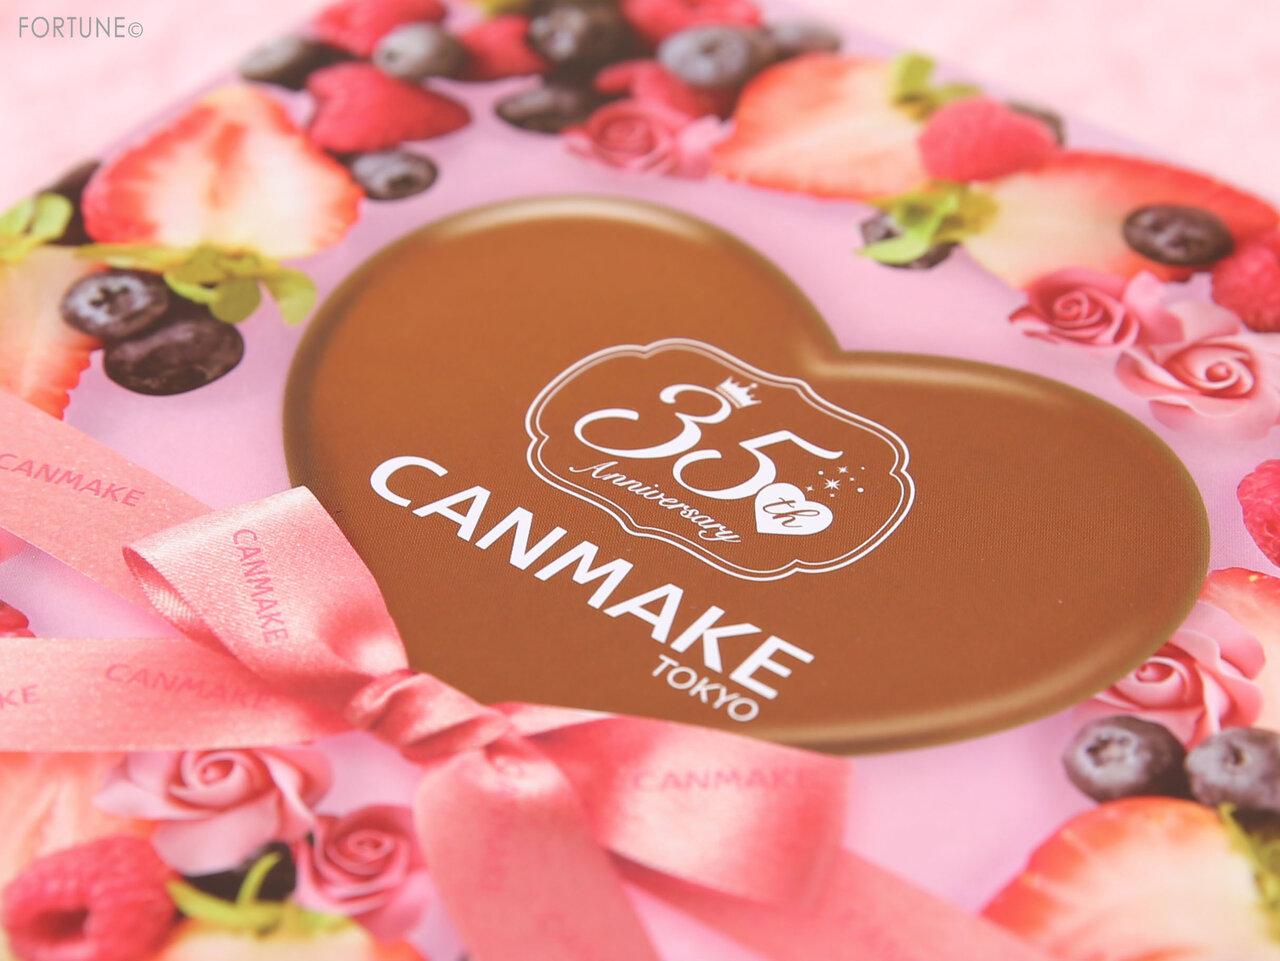 画像:CANMAKE(キャンメイク)「35thコフレ」BOX